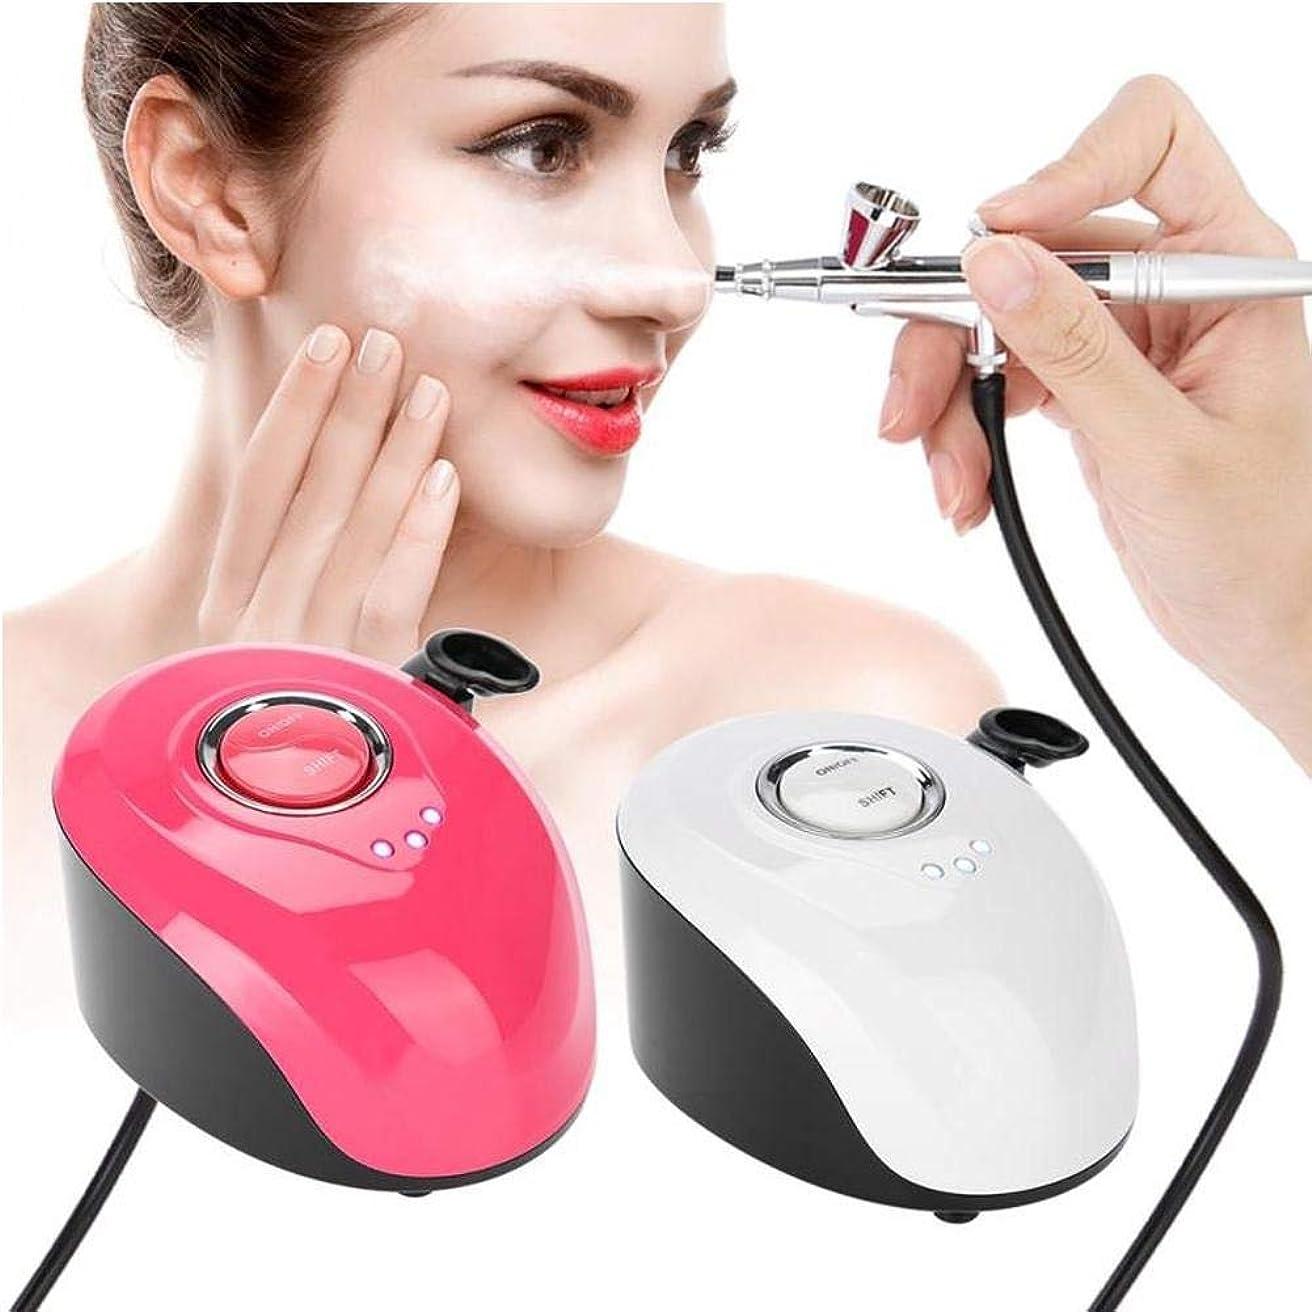 舞い上がる慣れている支払い酸素水注射器インジェクター皮膚美容デバイス保湿ホワイトニングアンチエイジング肌の若返りとディープクレンジング高圧水酸素注入修復肌white